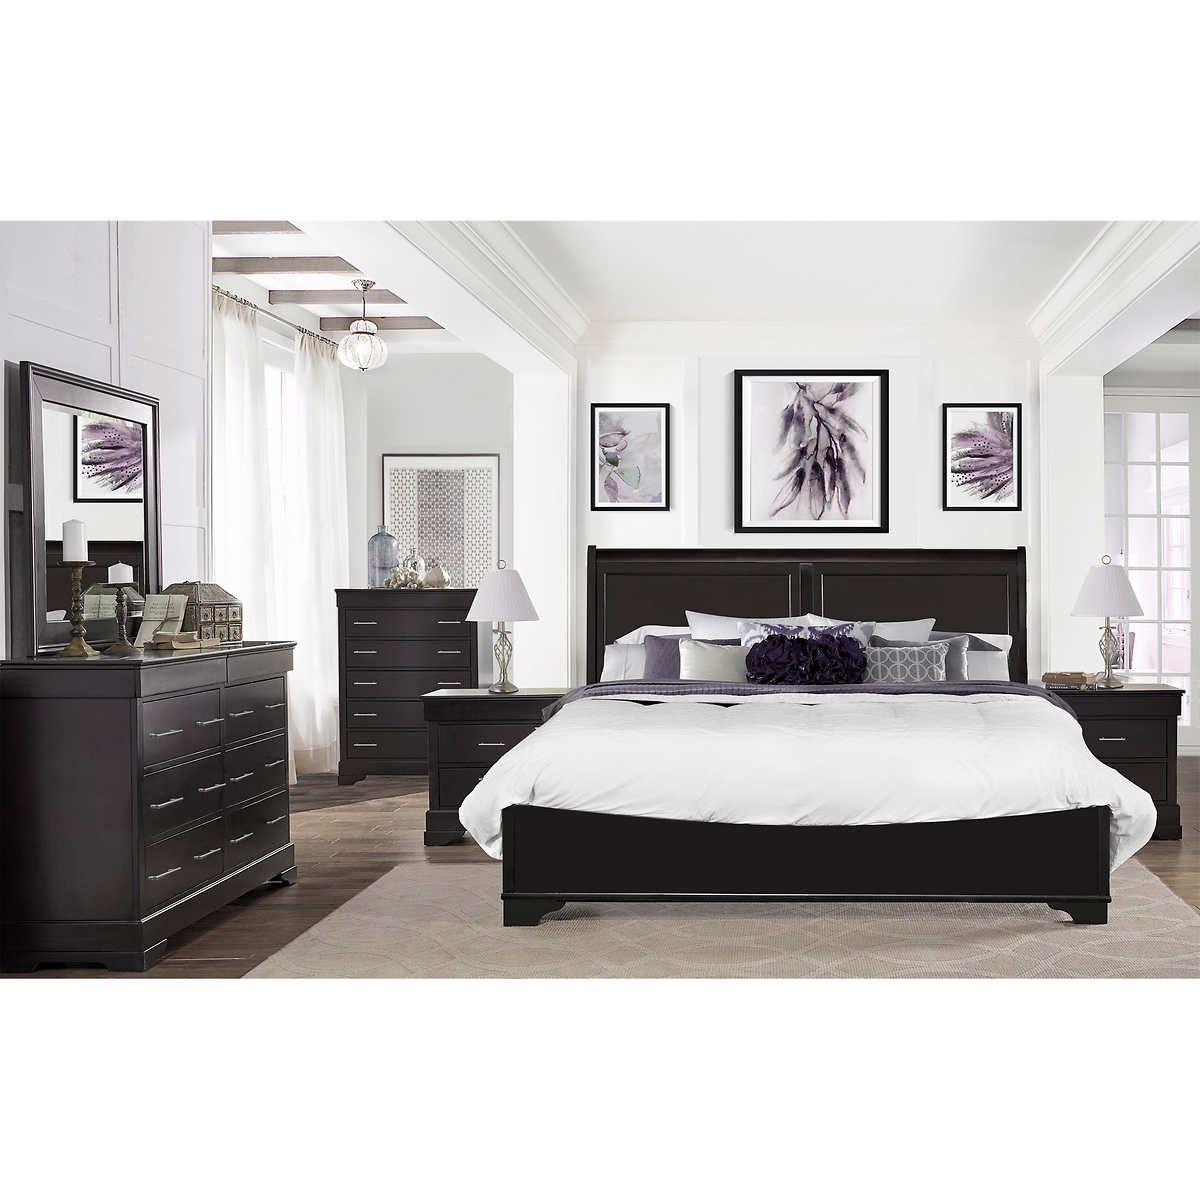 Caprice 6 Piece King Bedroom Set King Bedroom Sets Bedroom Sets